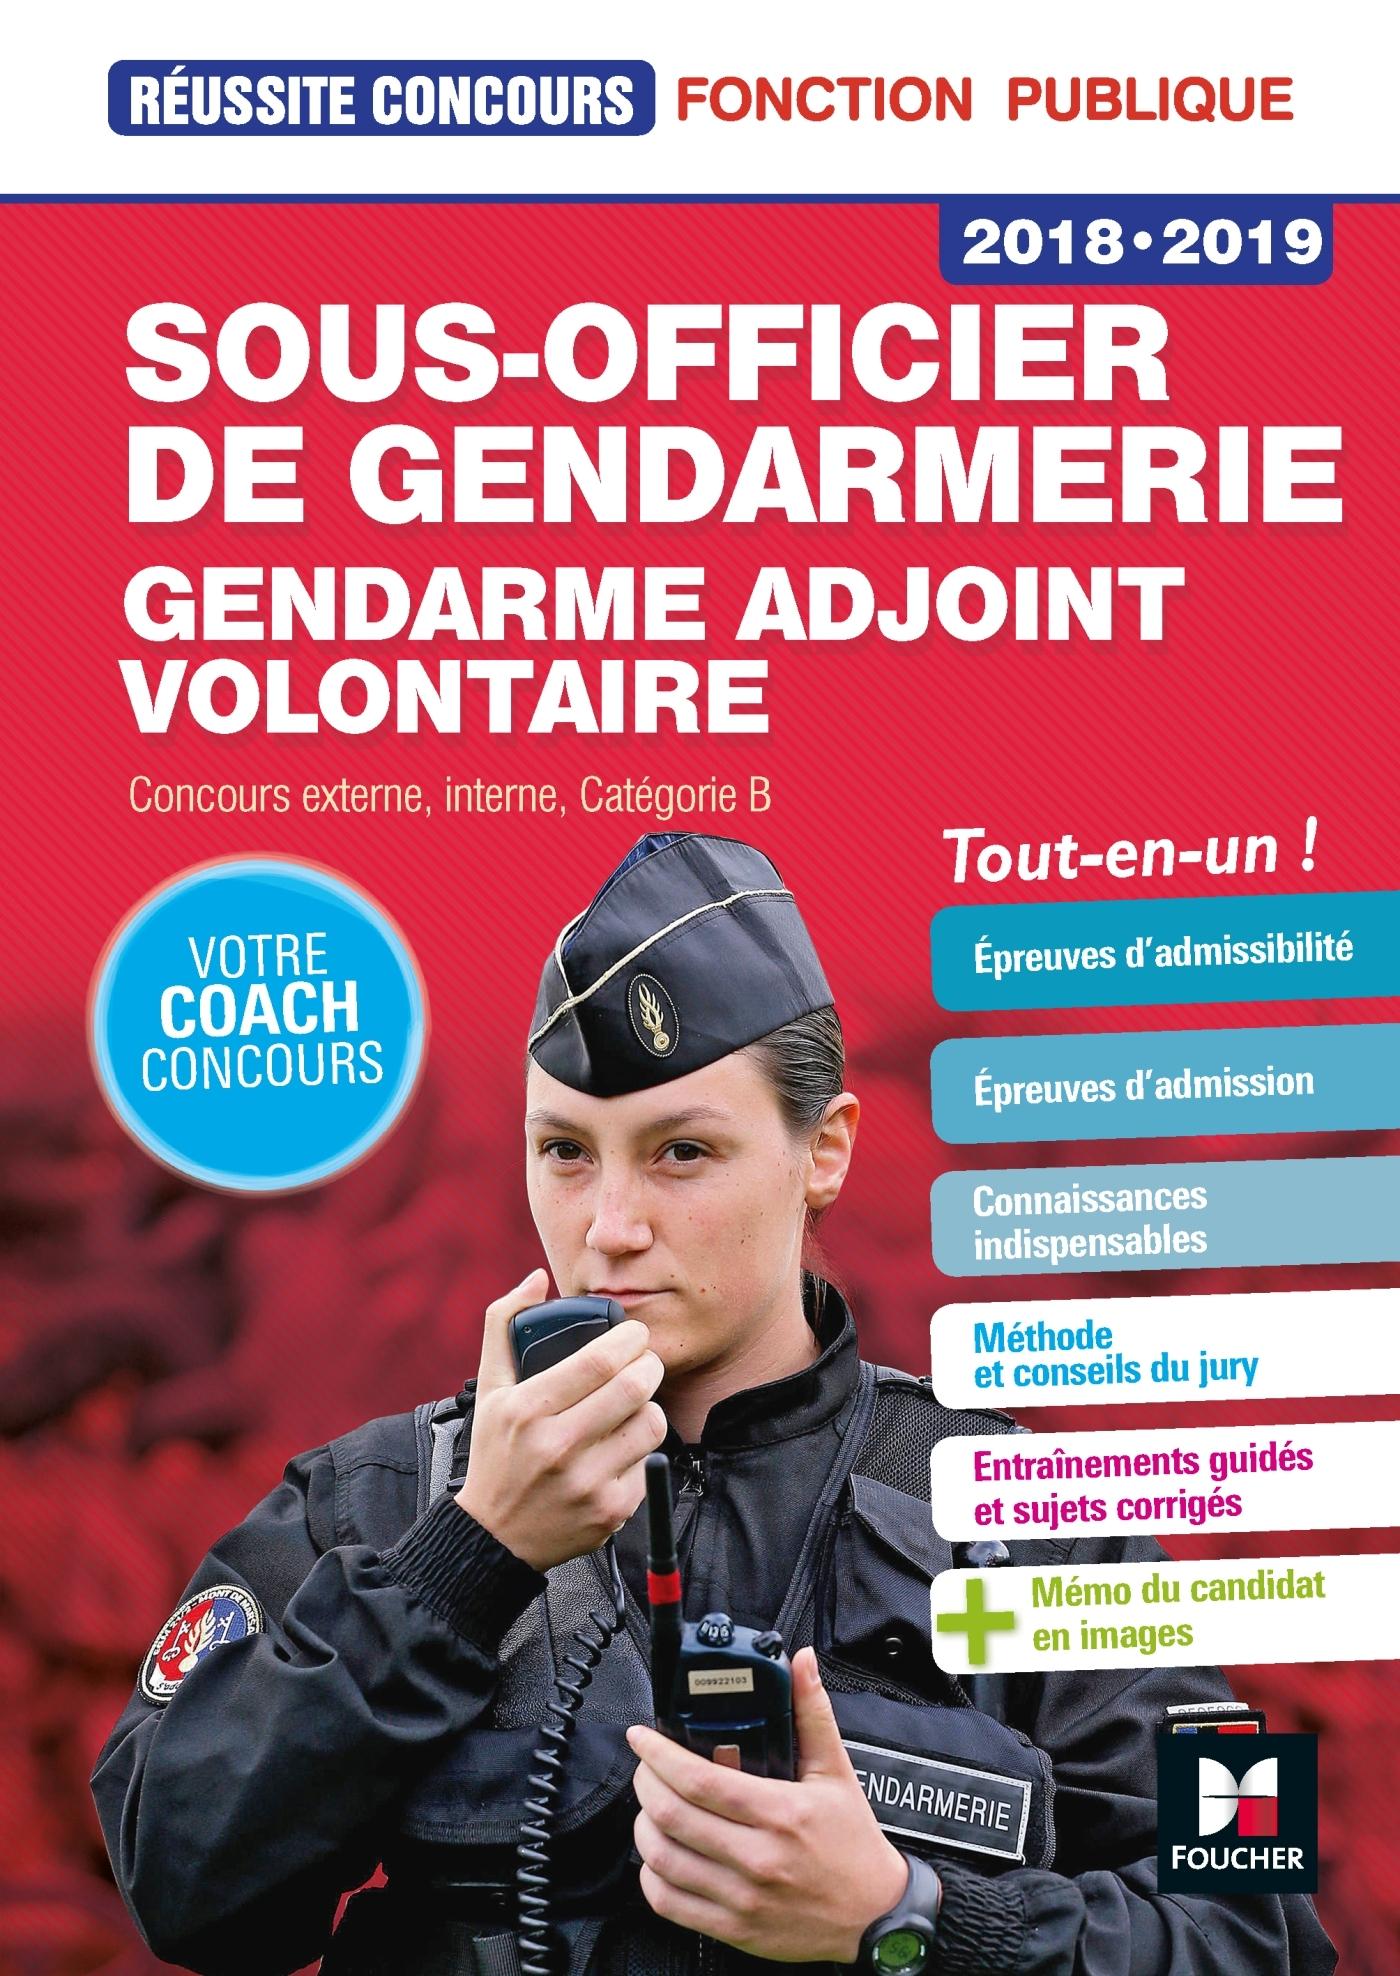 REUSSITE CONCOURS SOUS-OFFICIER DE GENDARMERIE / GENDARME ADJOINT VOLONTAIRE